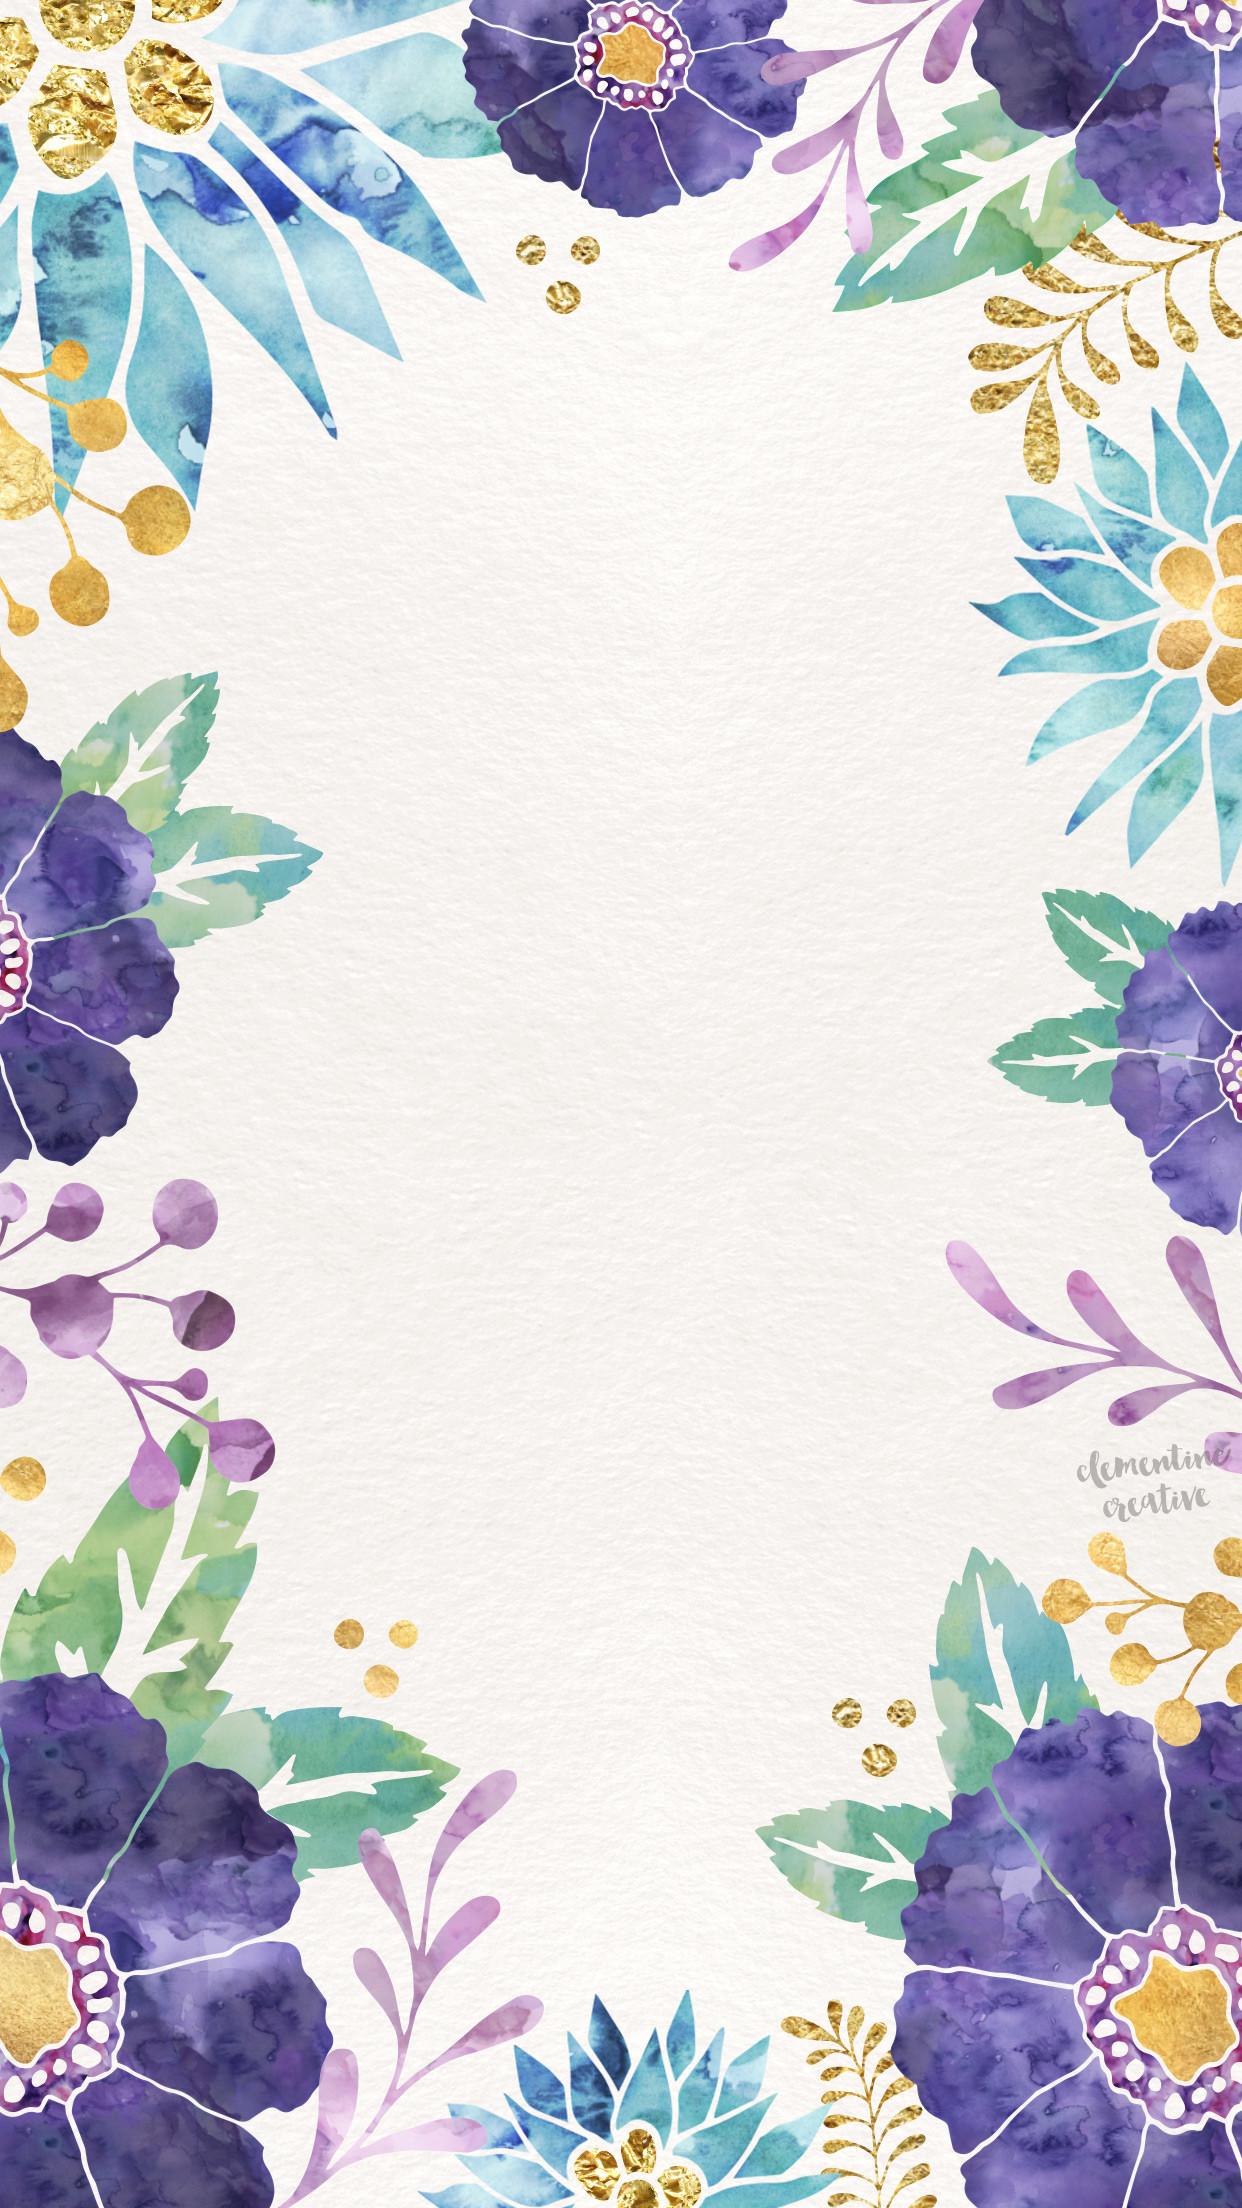 Wallpaper Desktop, Wallpaper Downloads, Phone Wallpapers, Watercolor  Wallpaper, Wallpaper Samsung, Watercolor Background, Flower Wallpaper, …